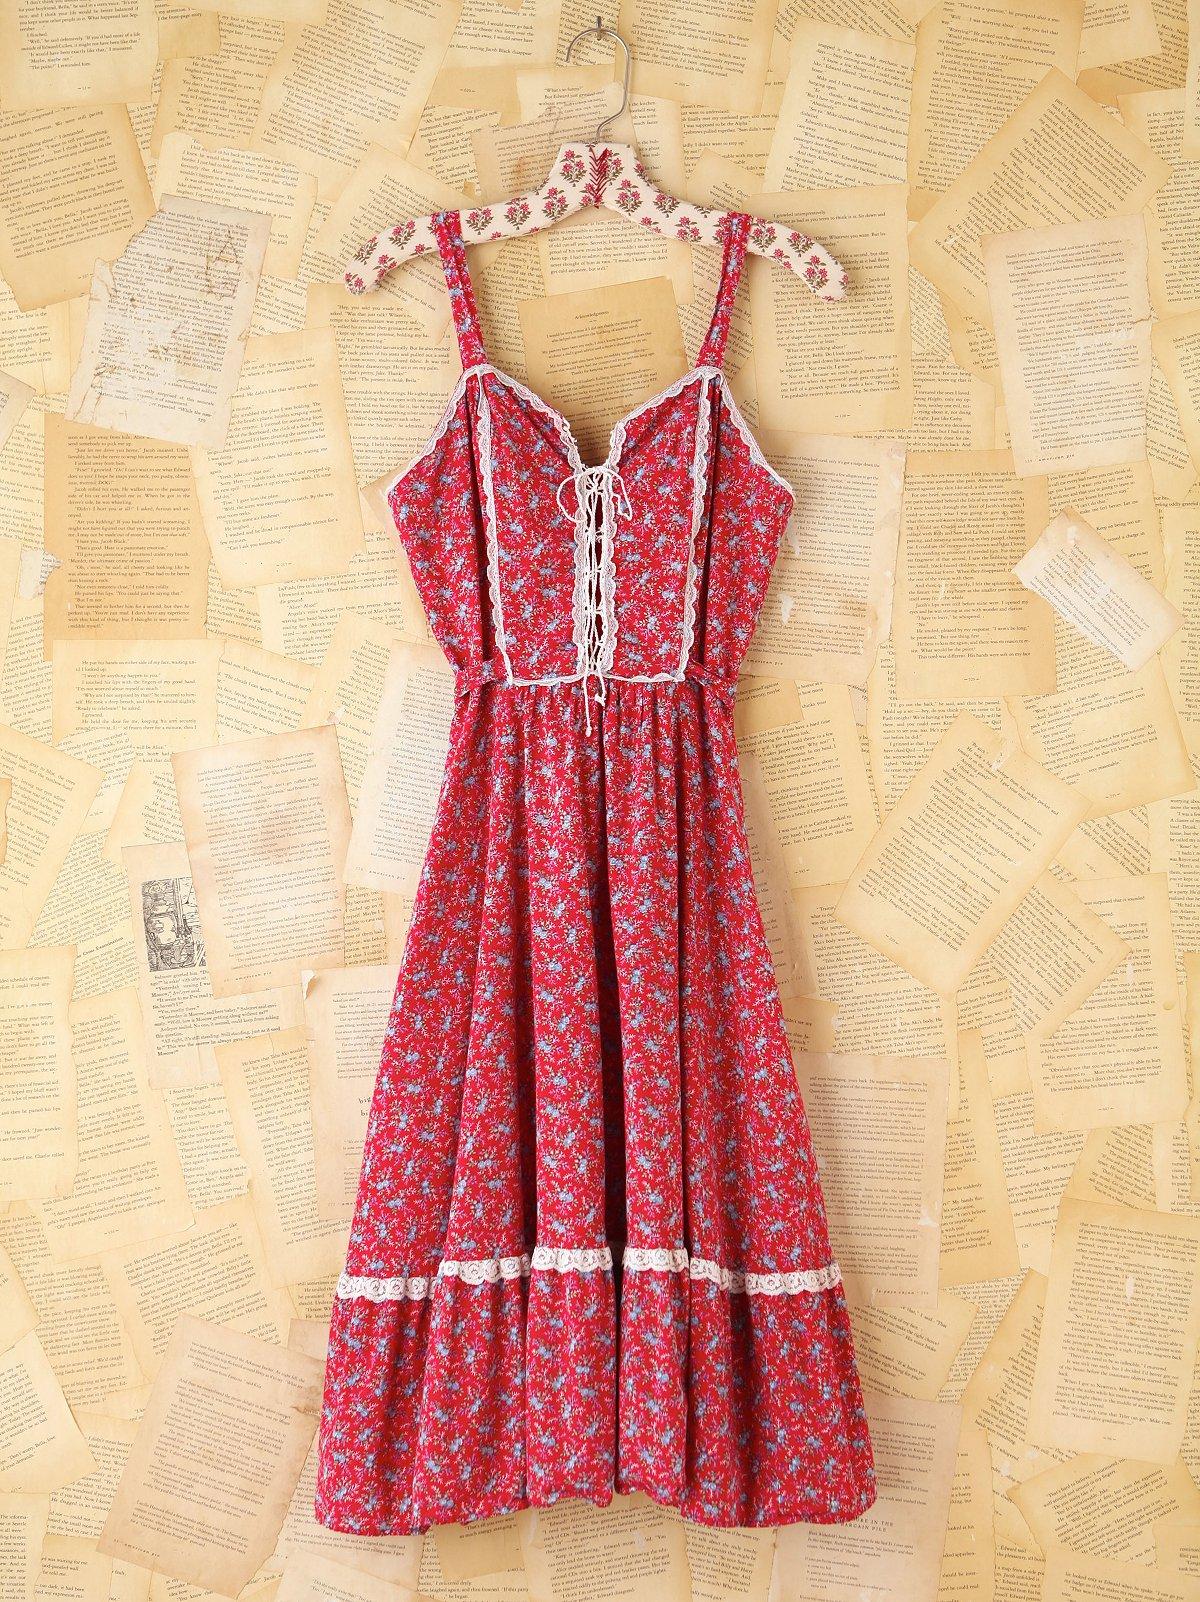 Vintage Red Ditzy Floral Dress